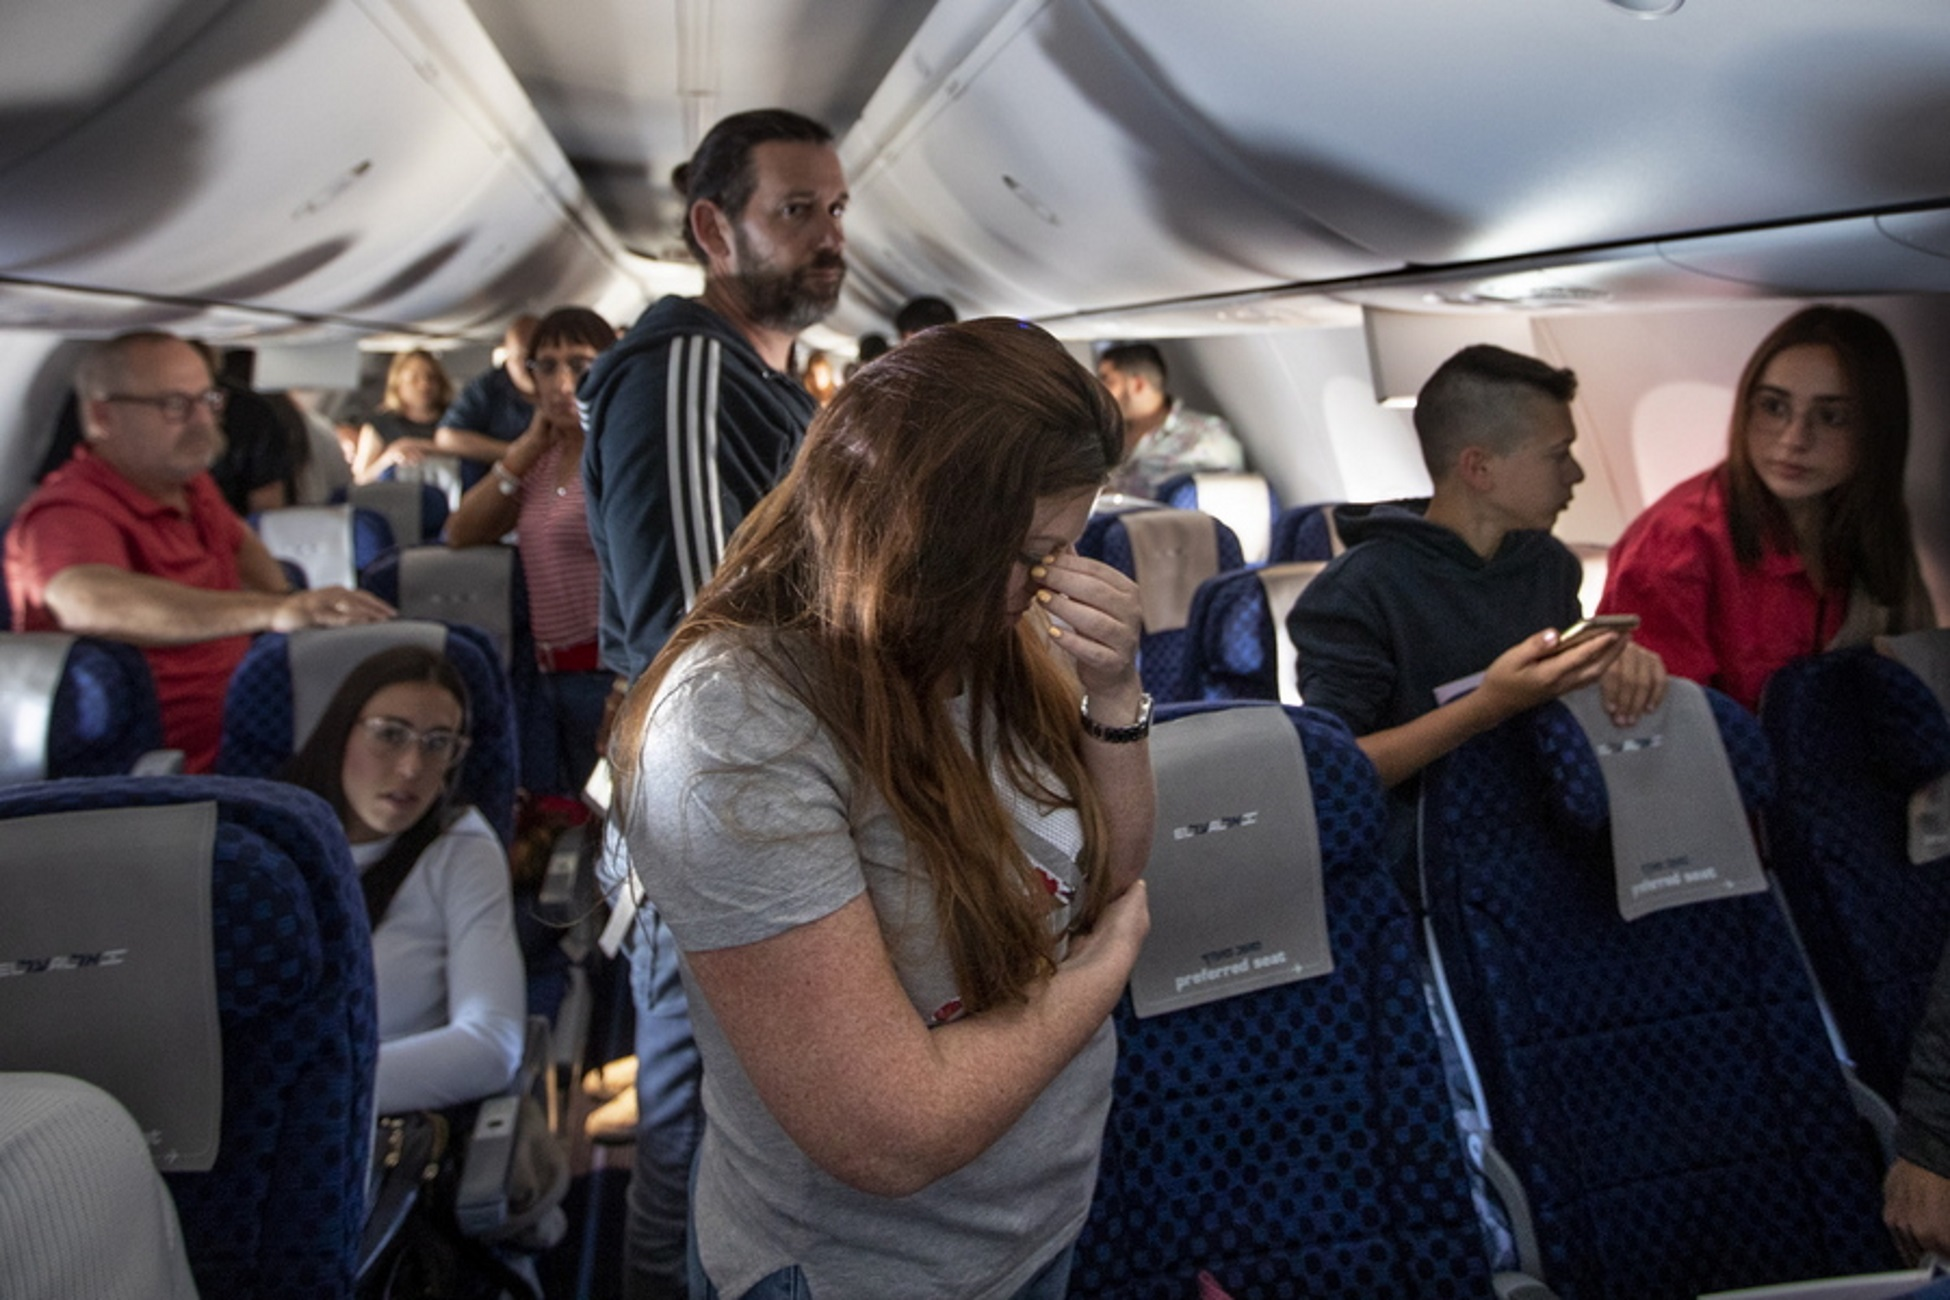 Ανατρεπτική απόφαση δικαστηρίου! Υπεύθυνες οι αεροπορικές εταιρείες για εγκαύματα από ζεστά ροφήματα σε επιβάτες